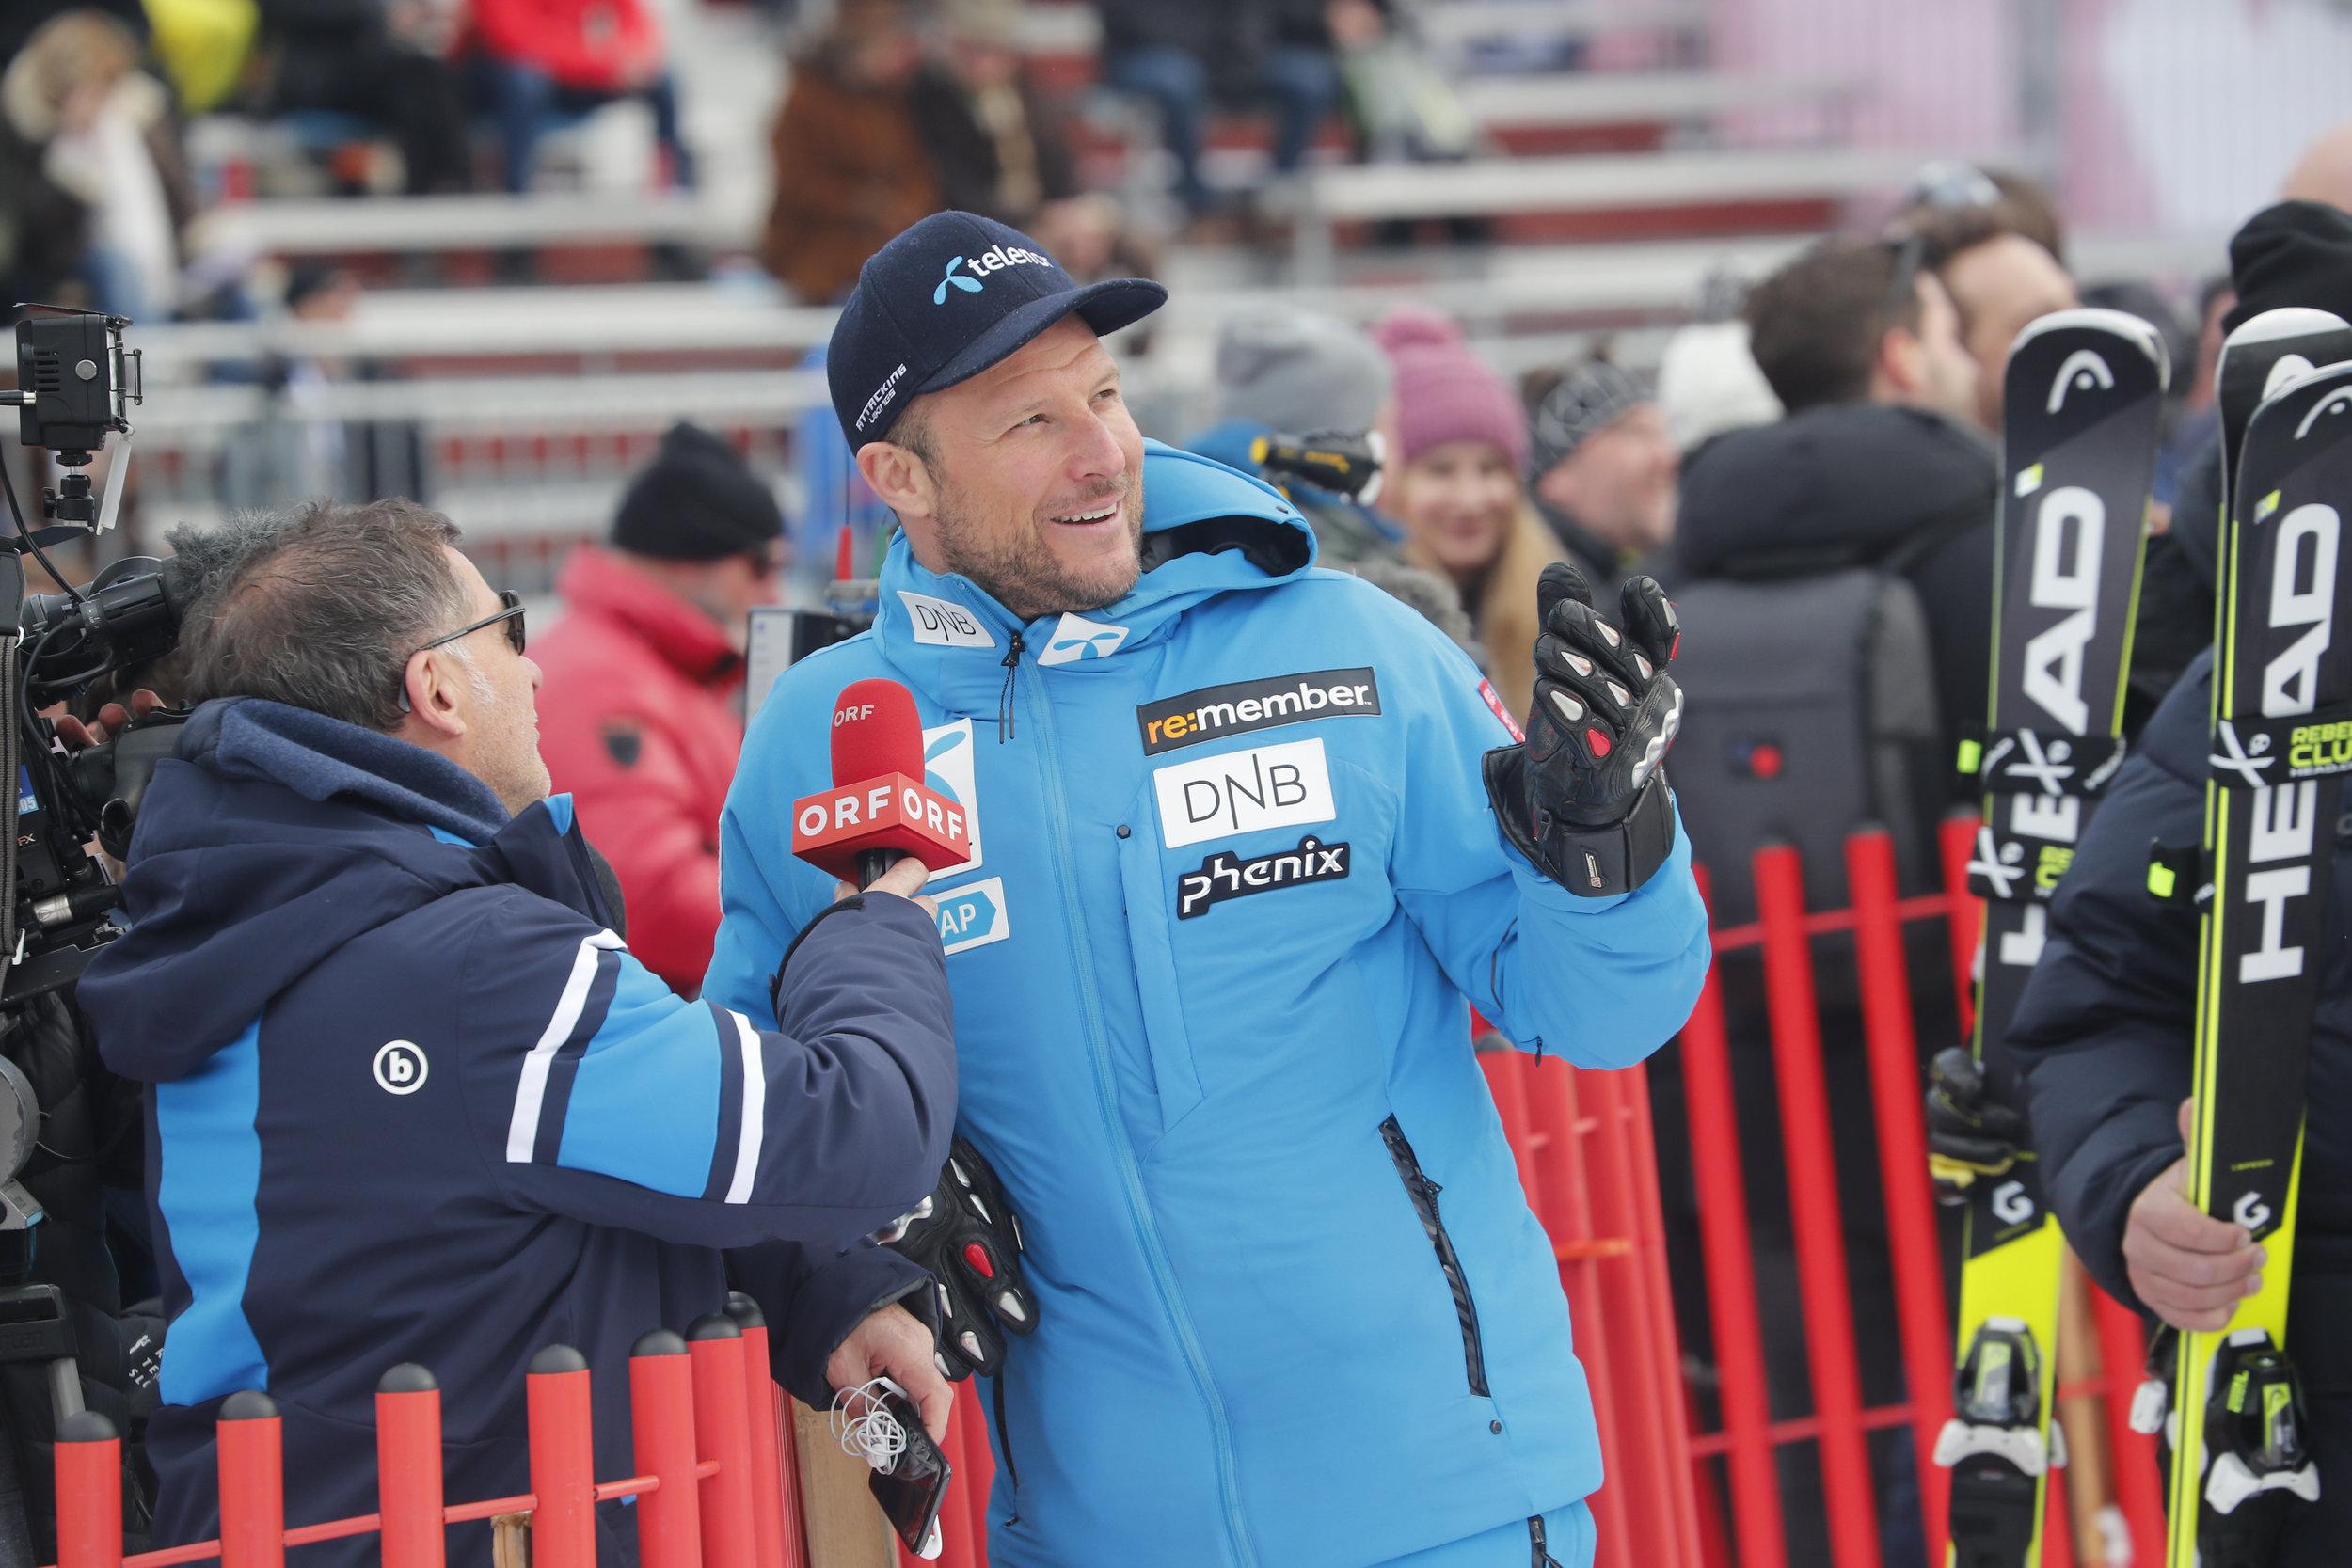 Aksel Lund Svindal kjører sine to siste renn i Åre og vil nok få litt oppmerksomhet. FOTO: Cornelius Poppe/NTB scanpix